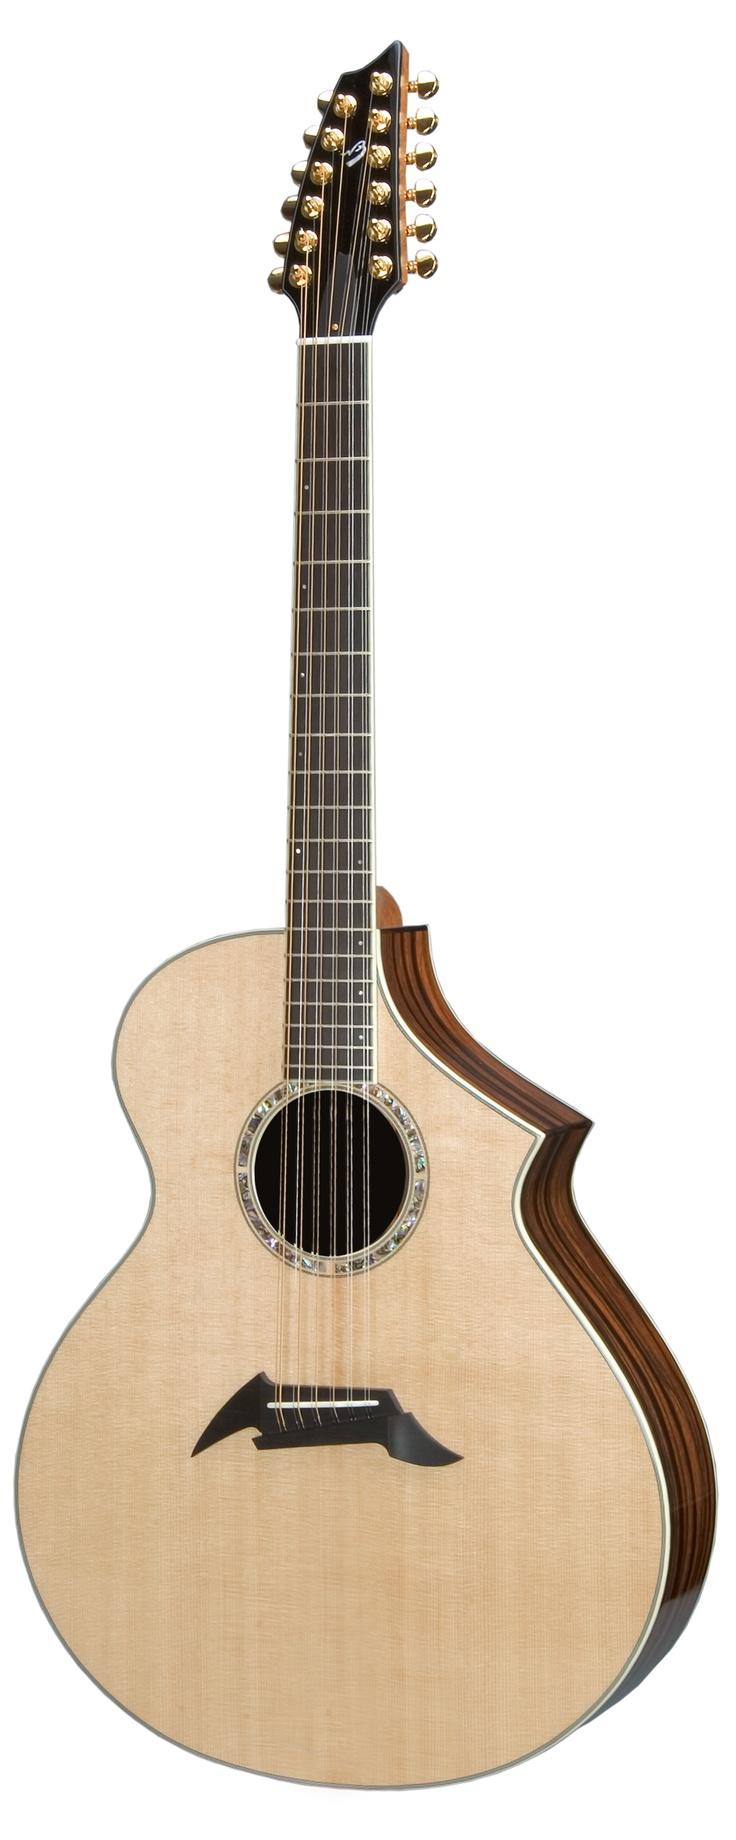 Asian knockoff guitars